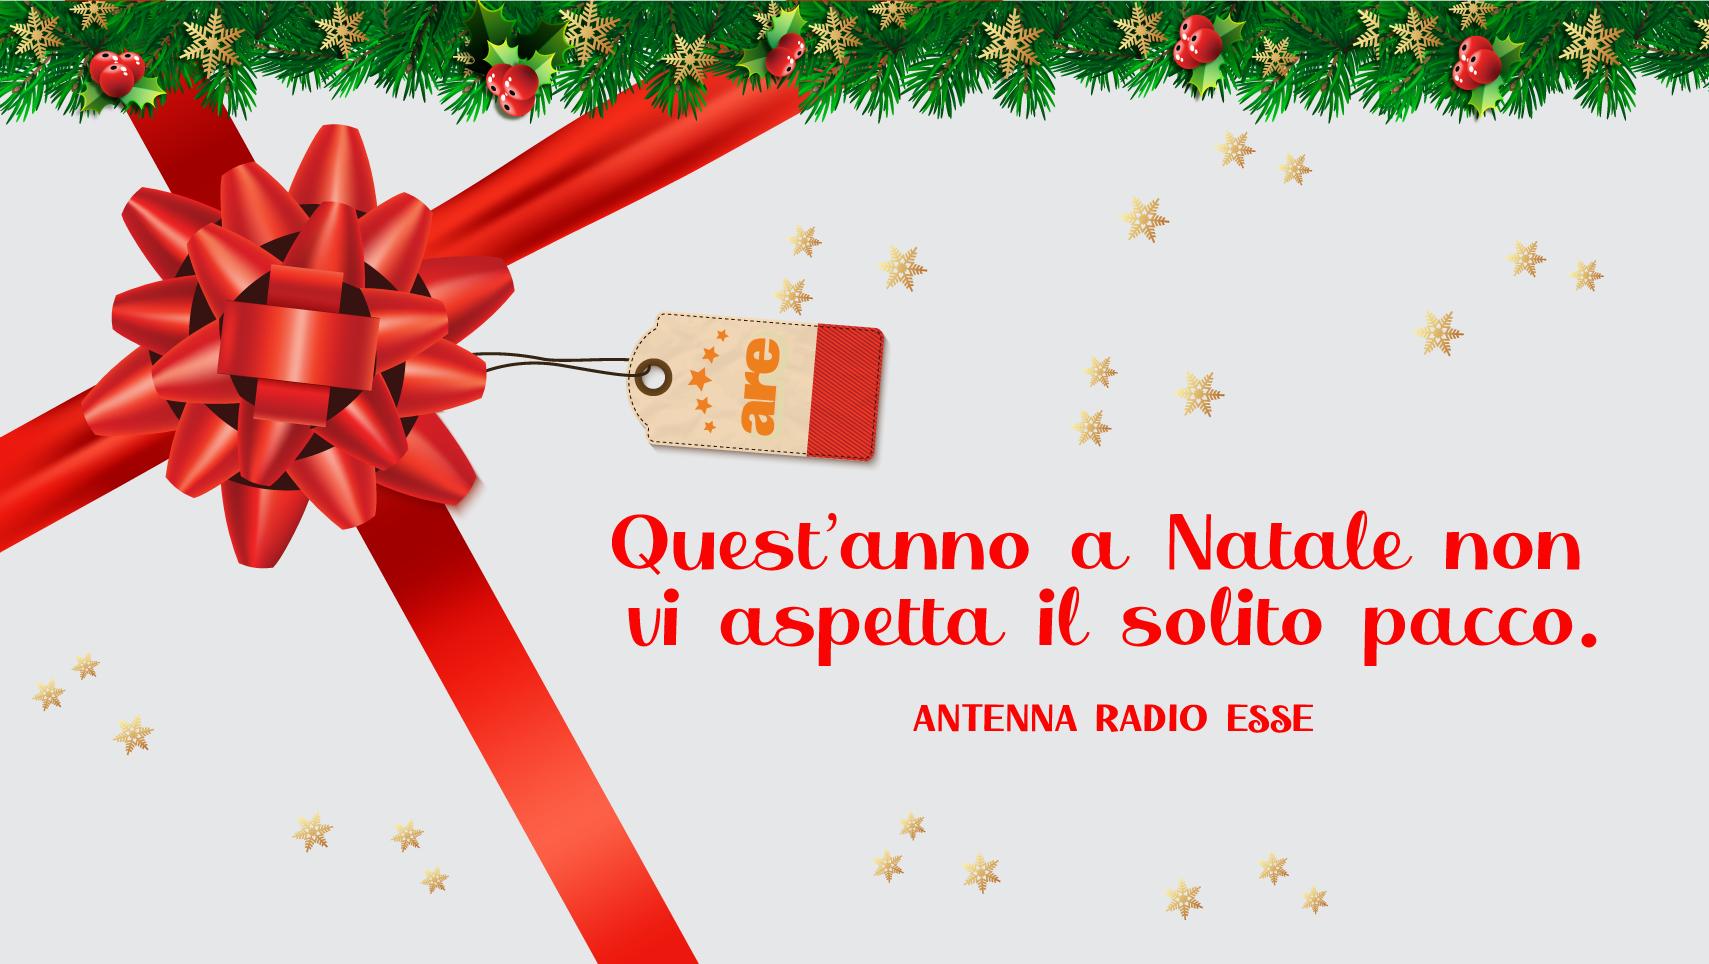 Antenna-Radio-Esse-Fb-copertina-2